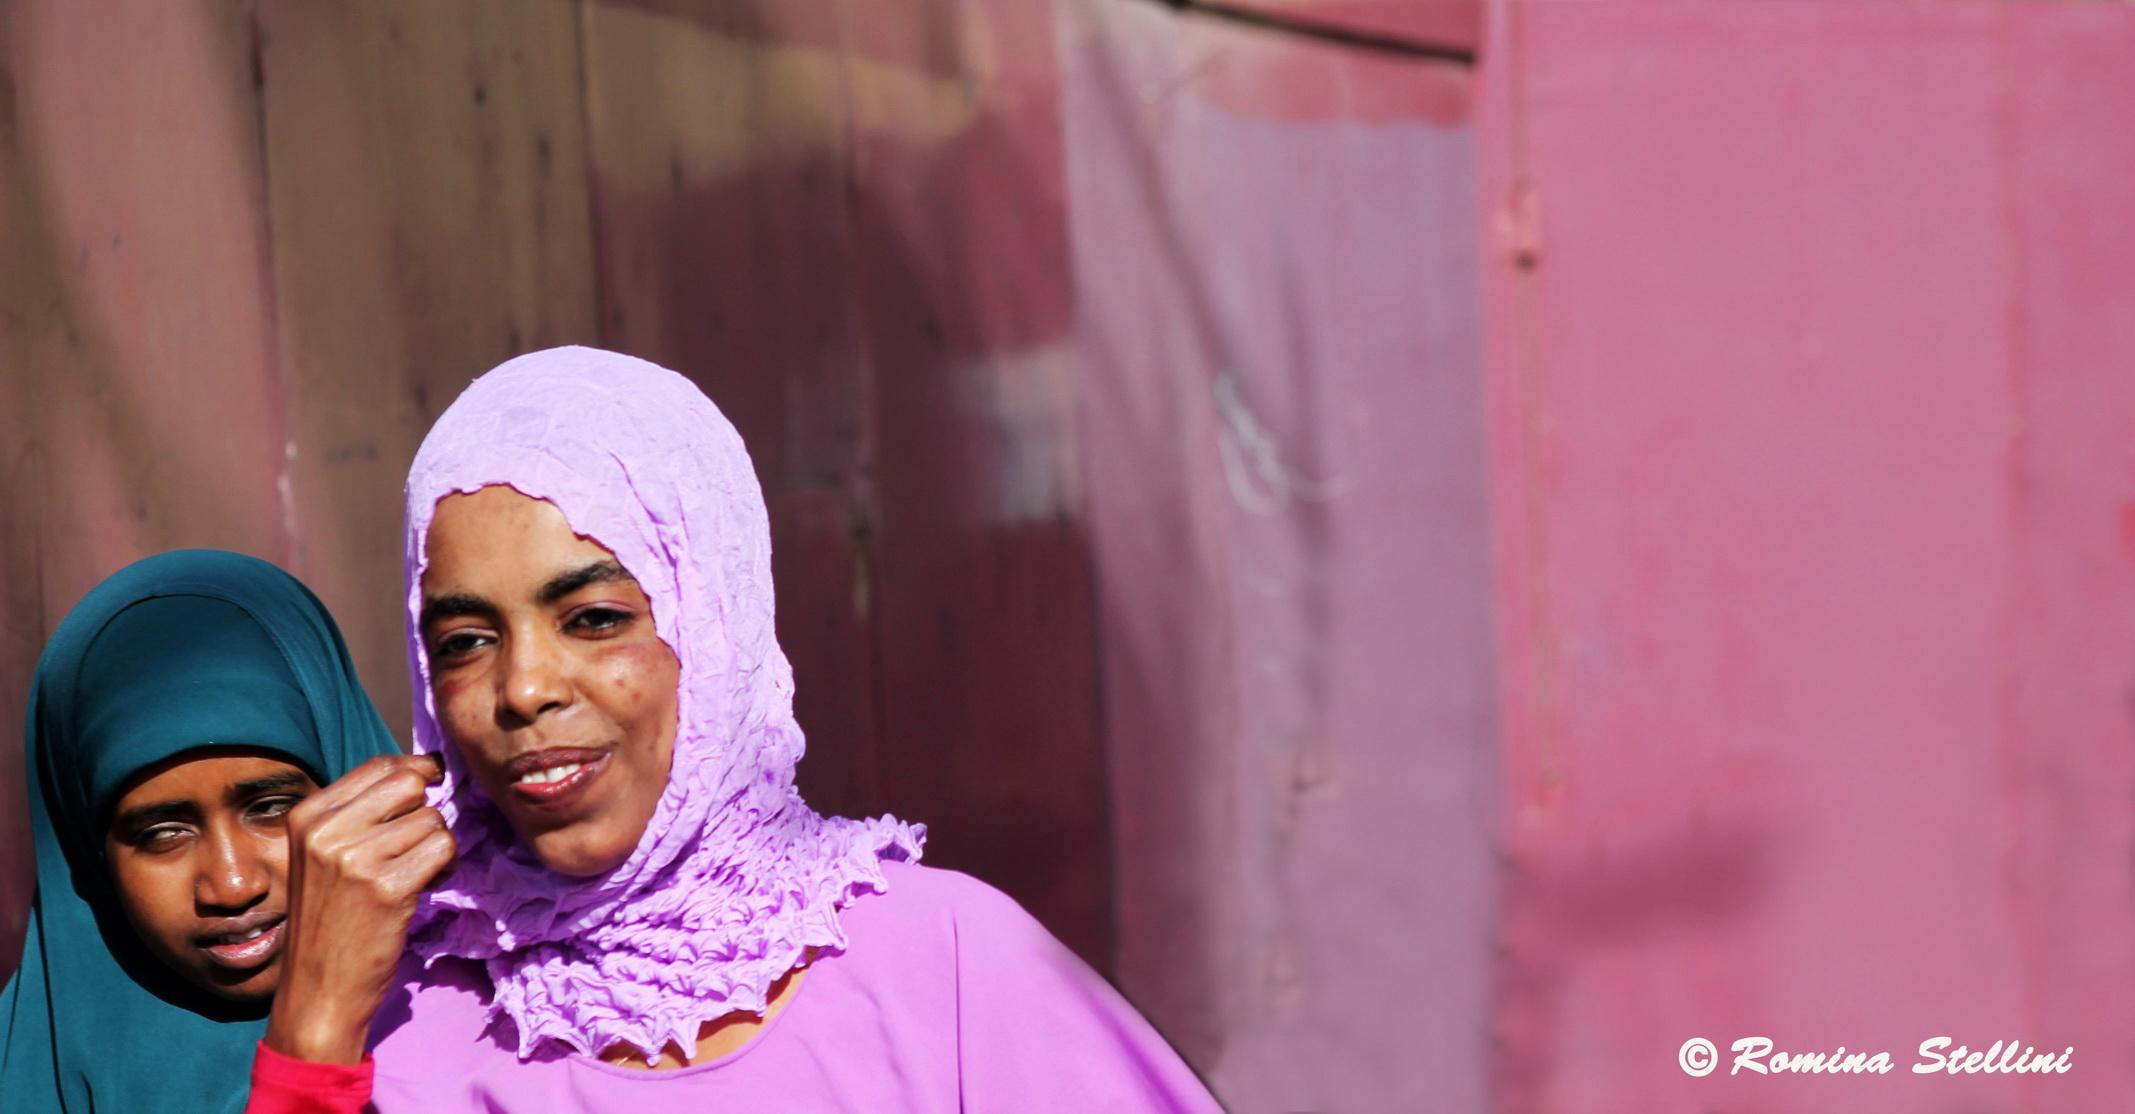 Muslim woman, Malta...